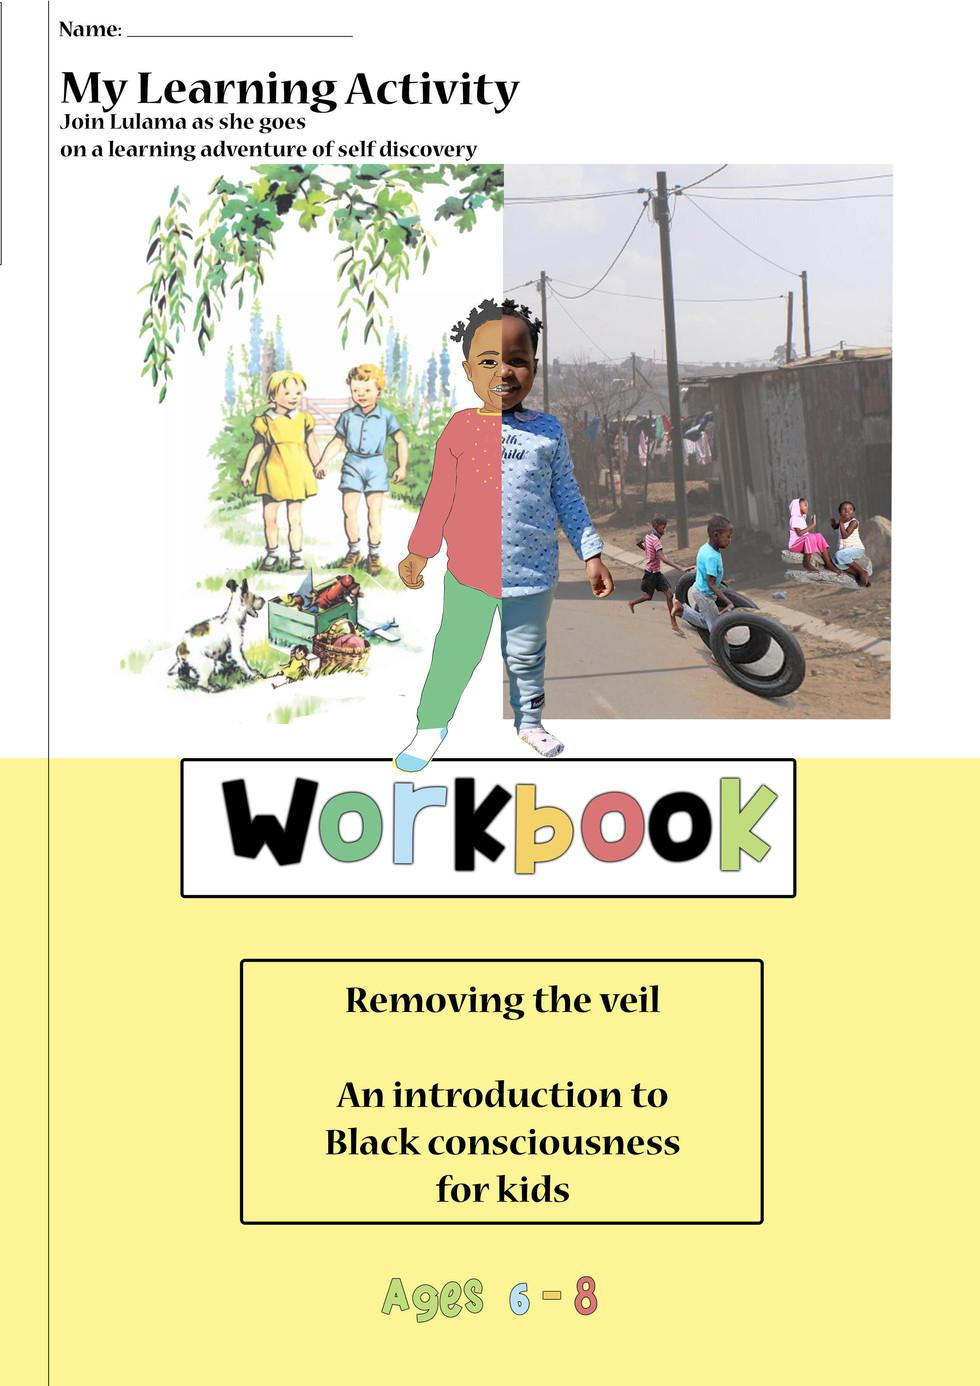 Removing the Veil. Kubayi, T. Unit 19. 2020.